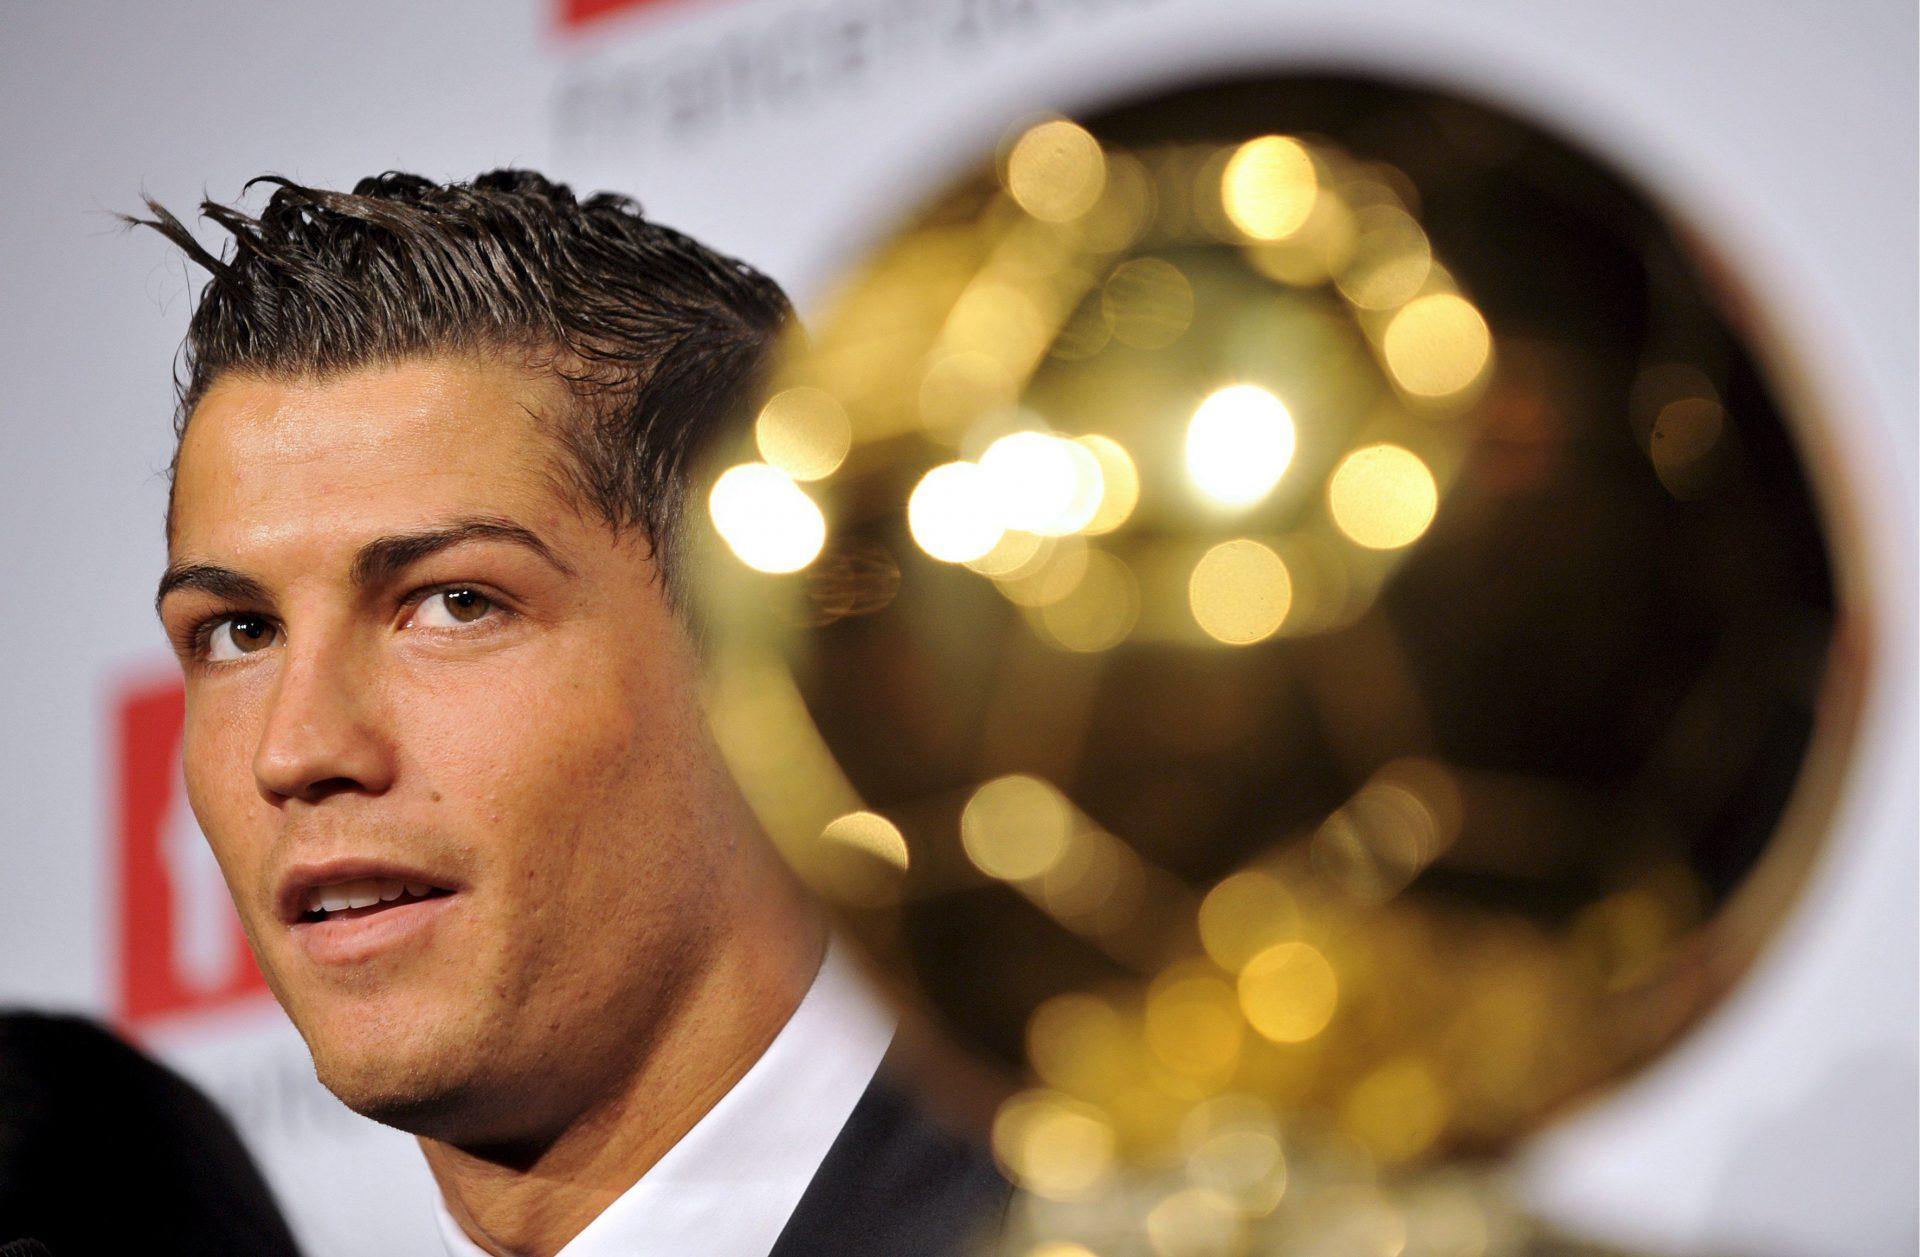 Cristiano Ronaldo recebendo a Bola de Ouro do ano 2008. EPA/YOAN VALAT